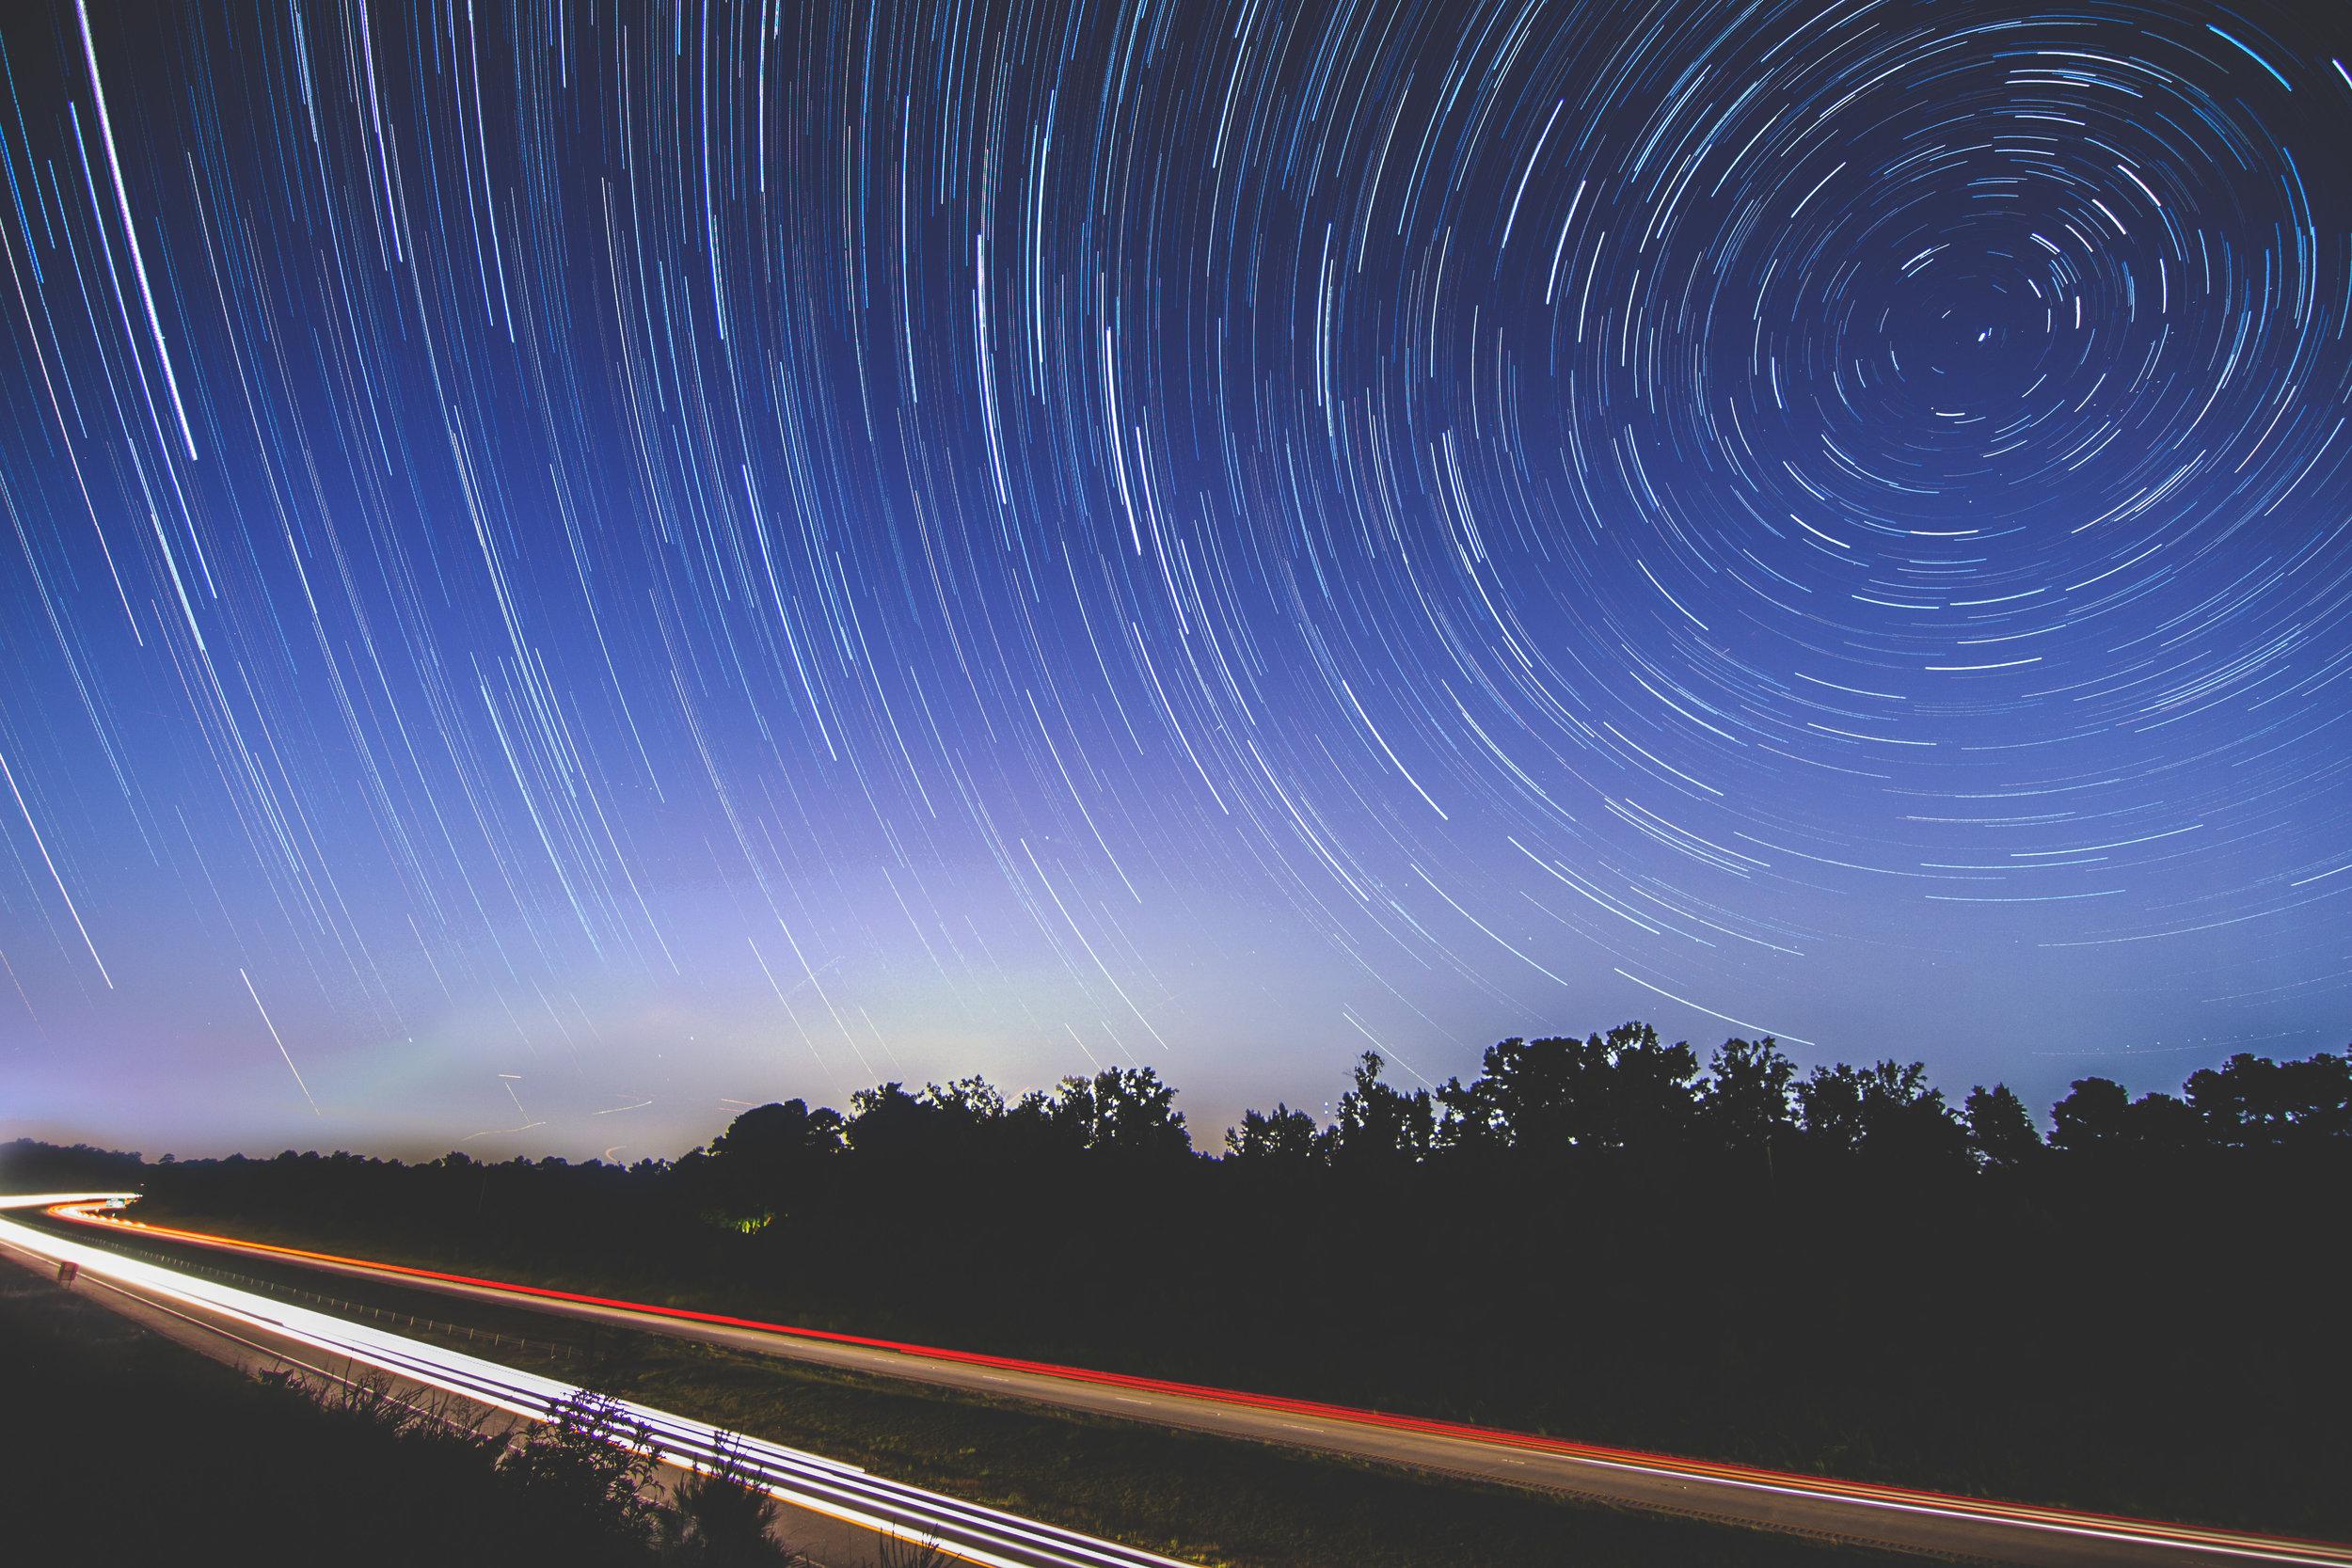 2014 Aug 13 Star Trail 1-2.jpg